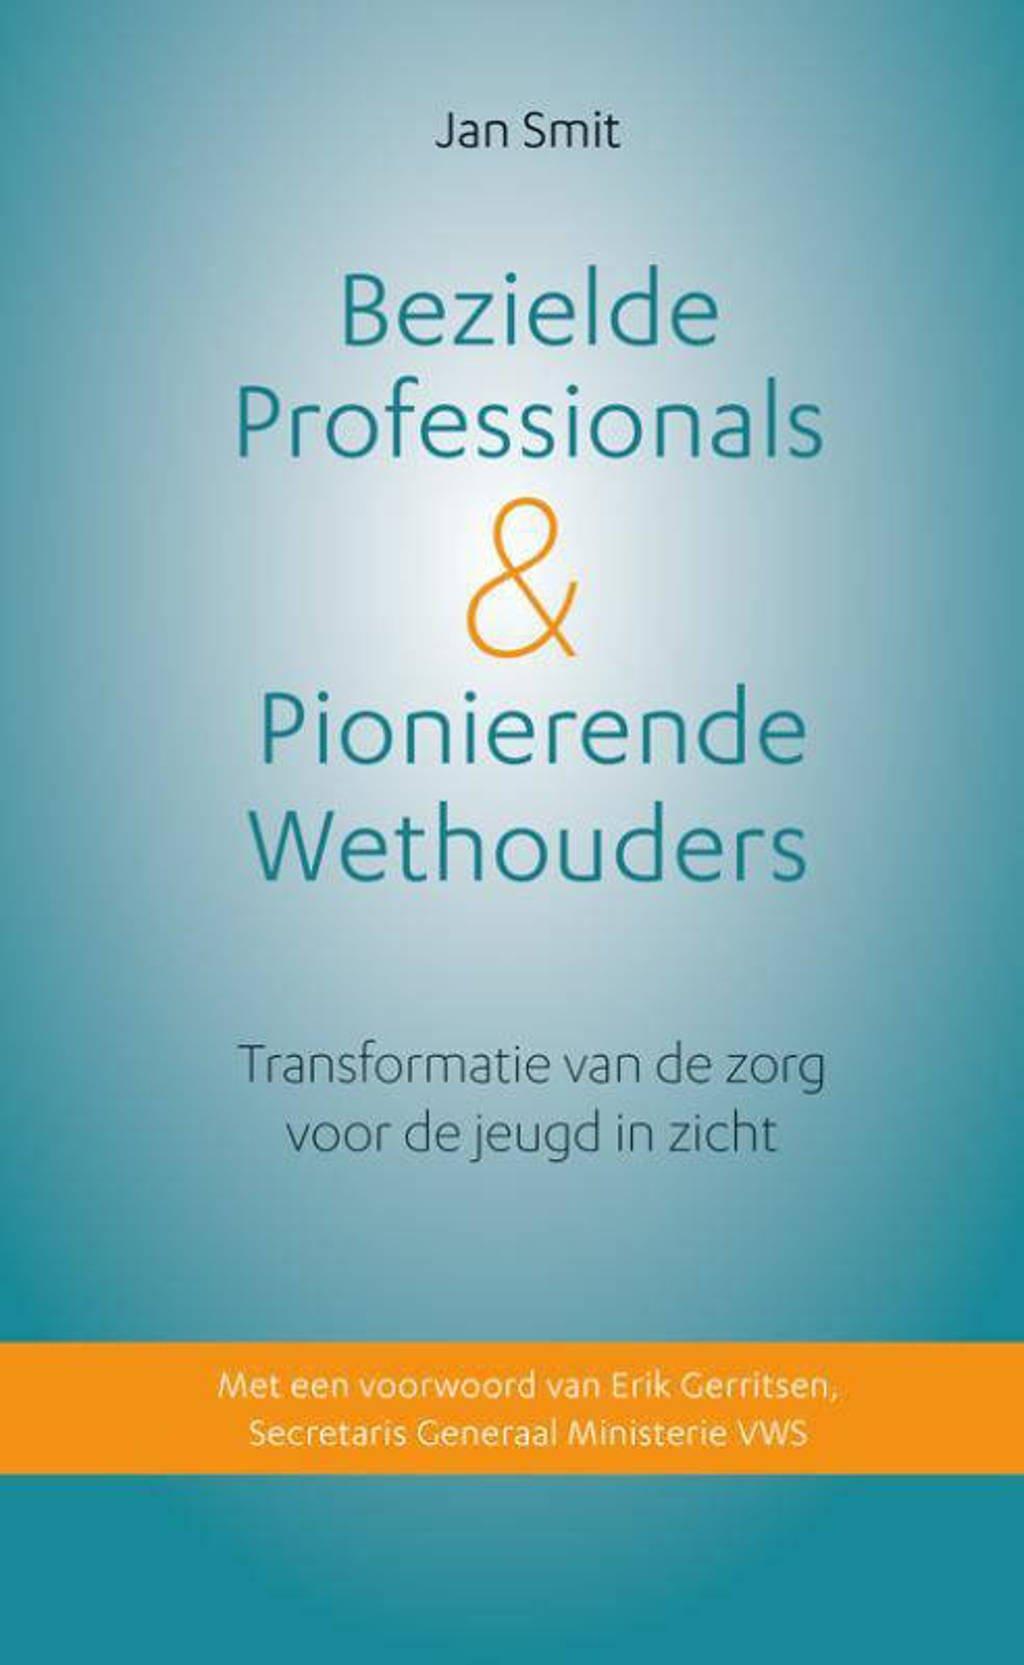 Bezielde professionals & pionierende wethouders - Jan Smit